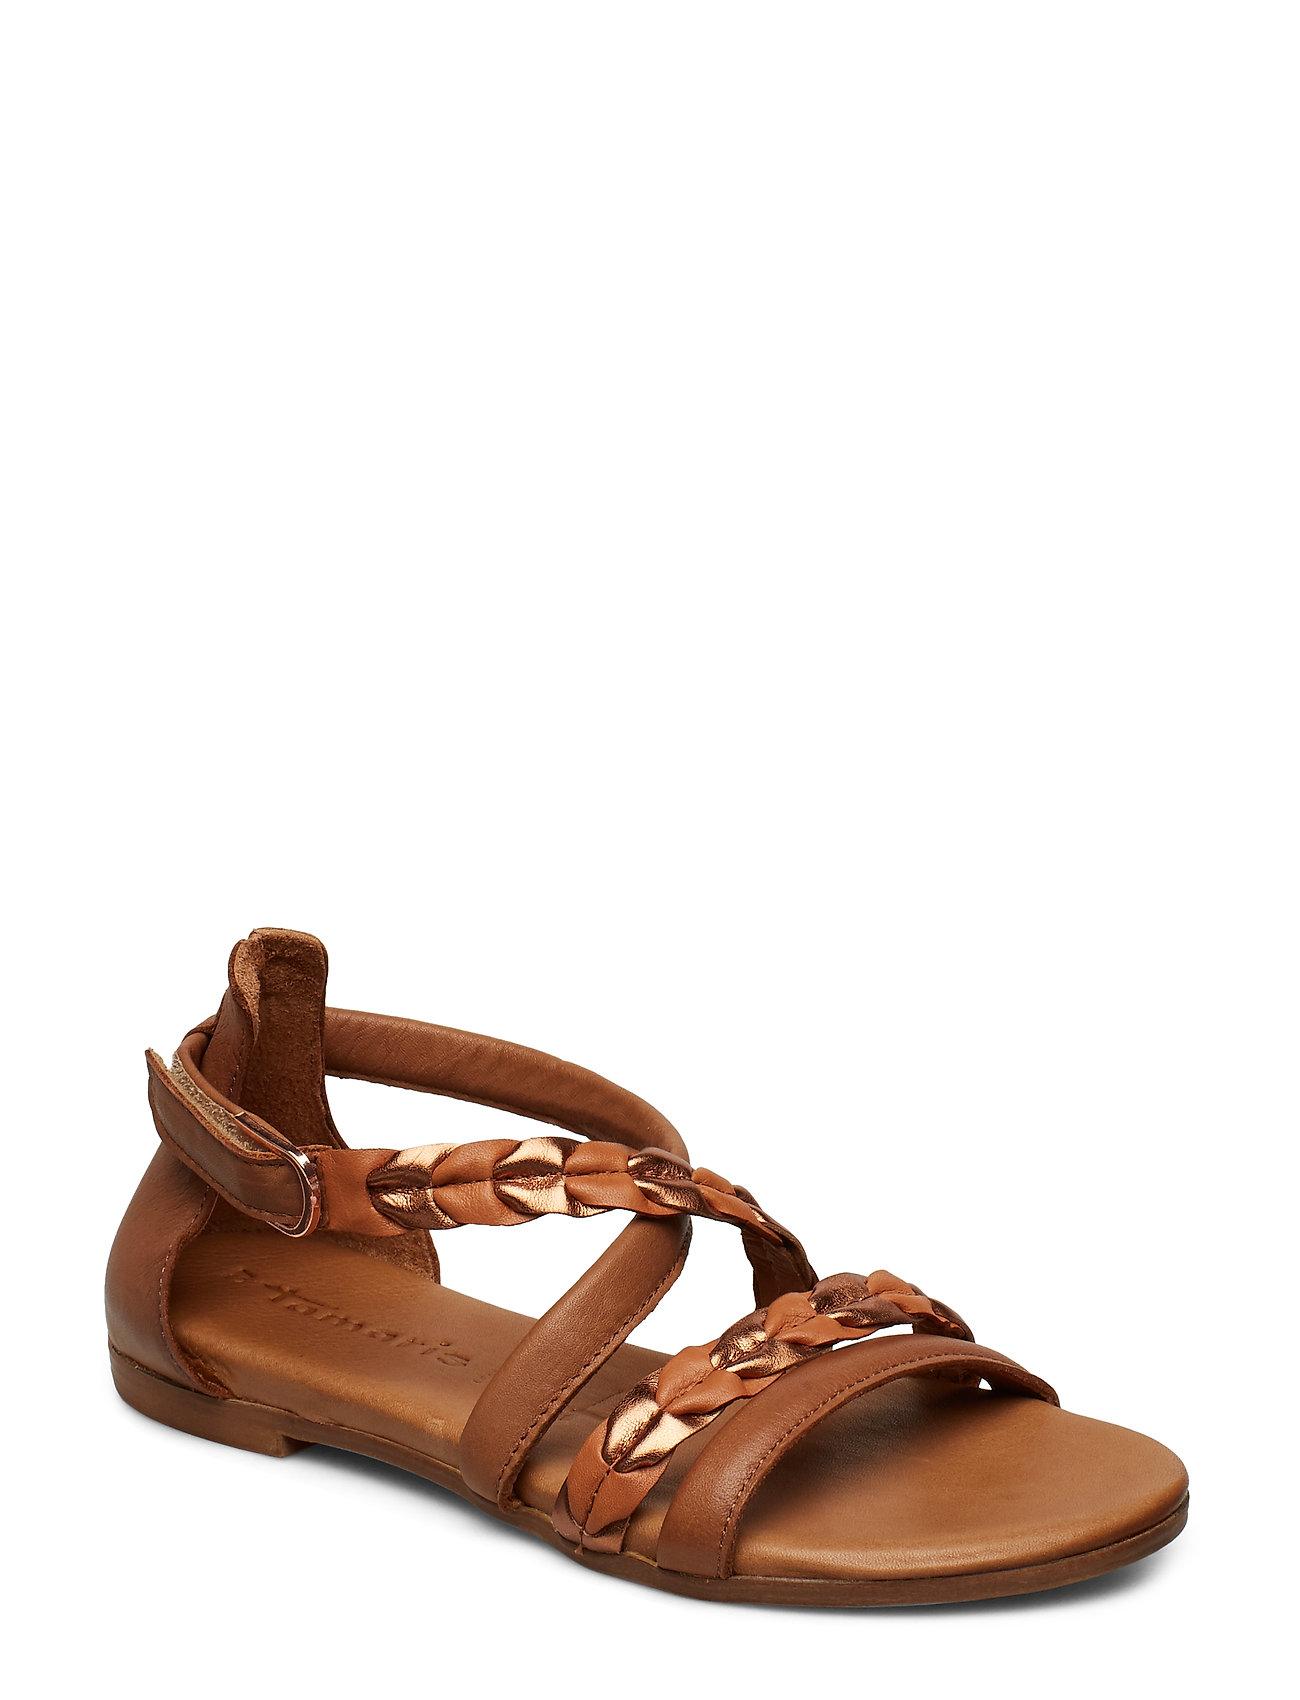 a4b9474d8e22 Woms Sandals flade sandaler fra Tamaris til dame i COGNAC COMB ...